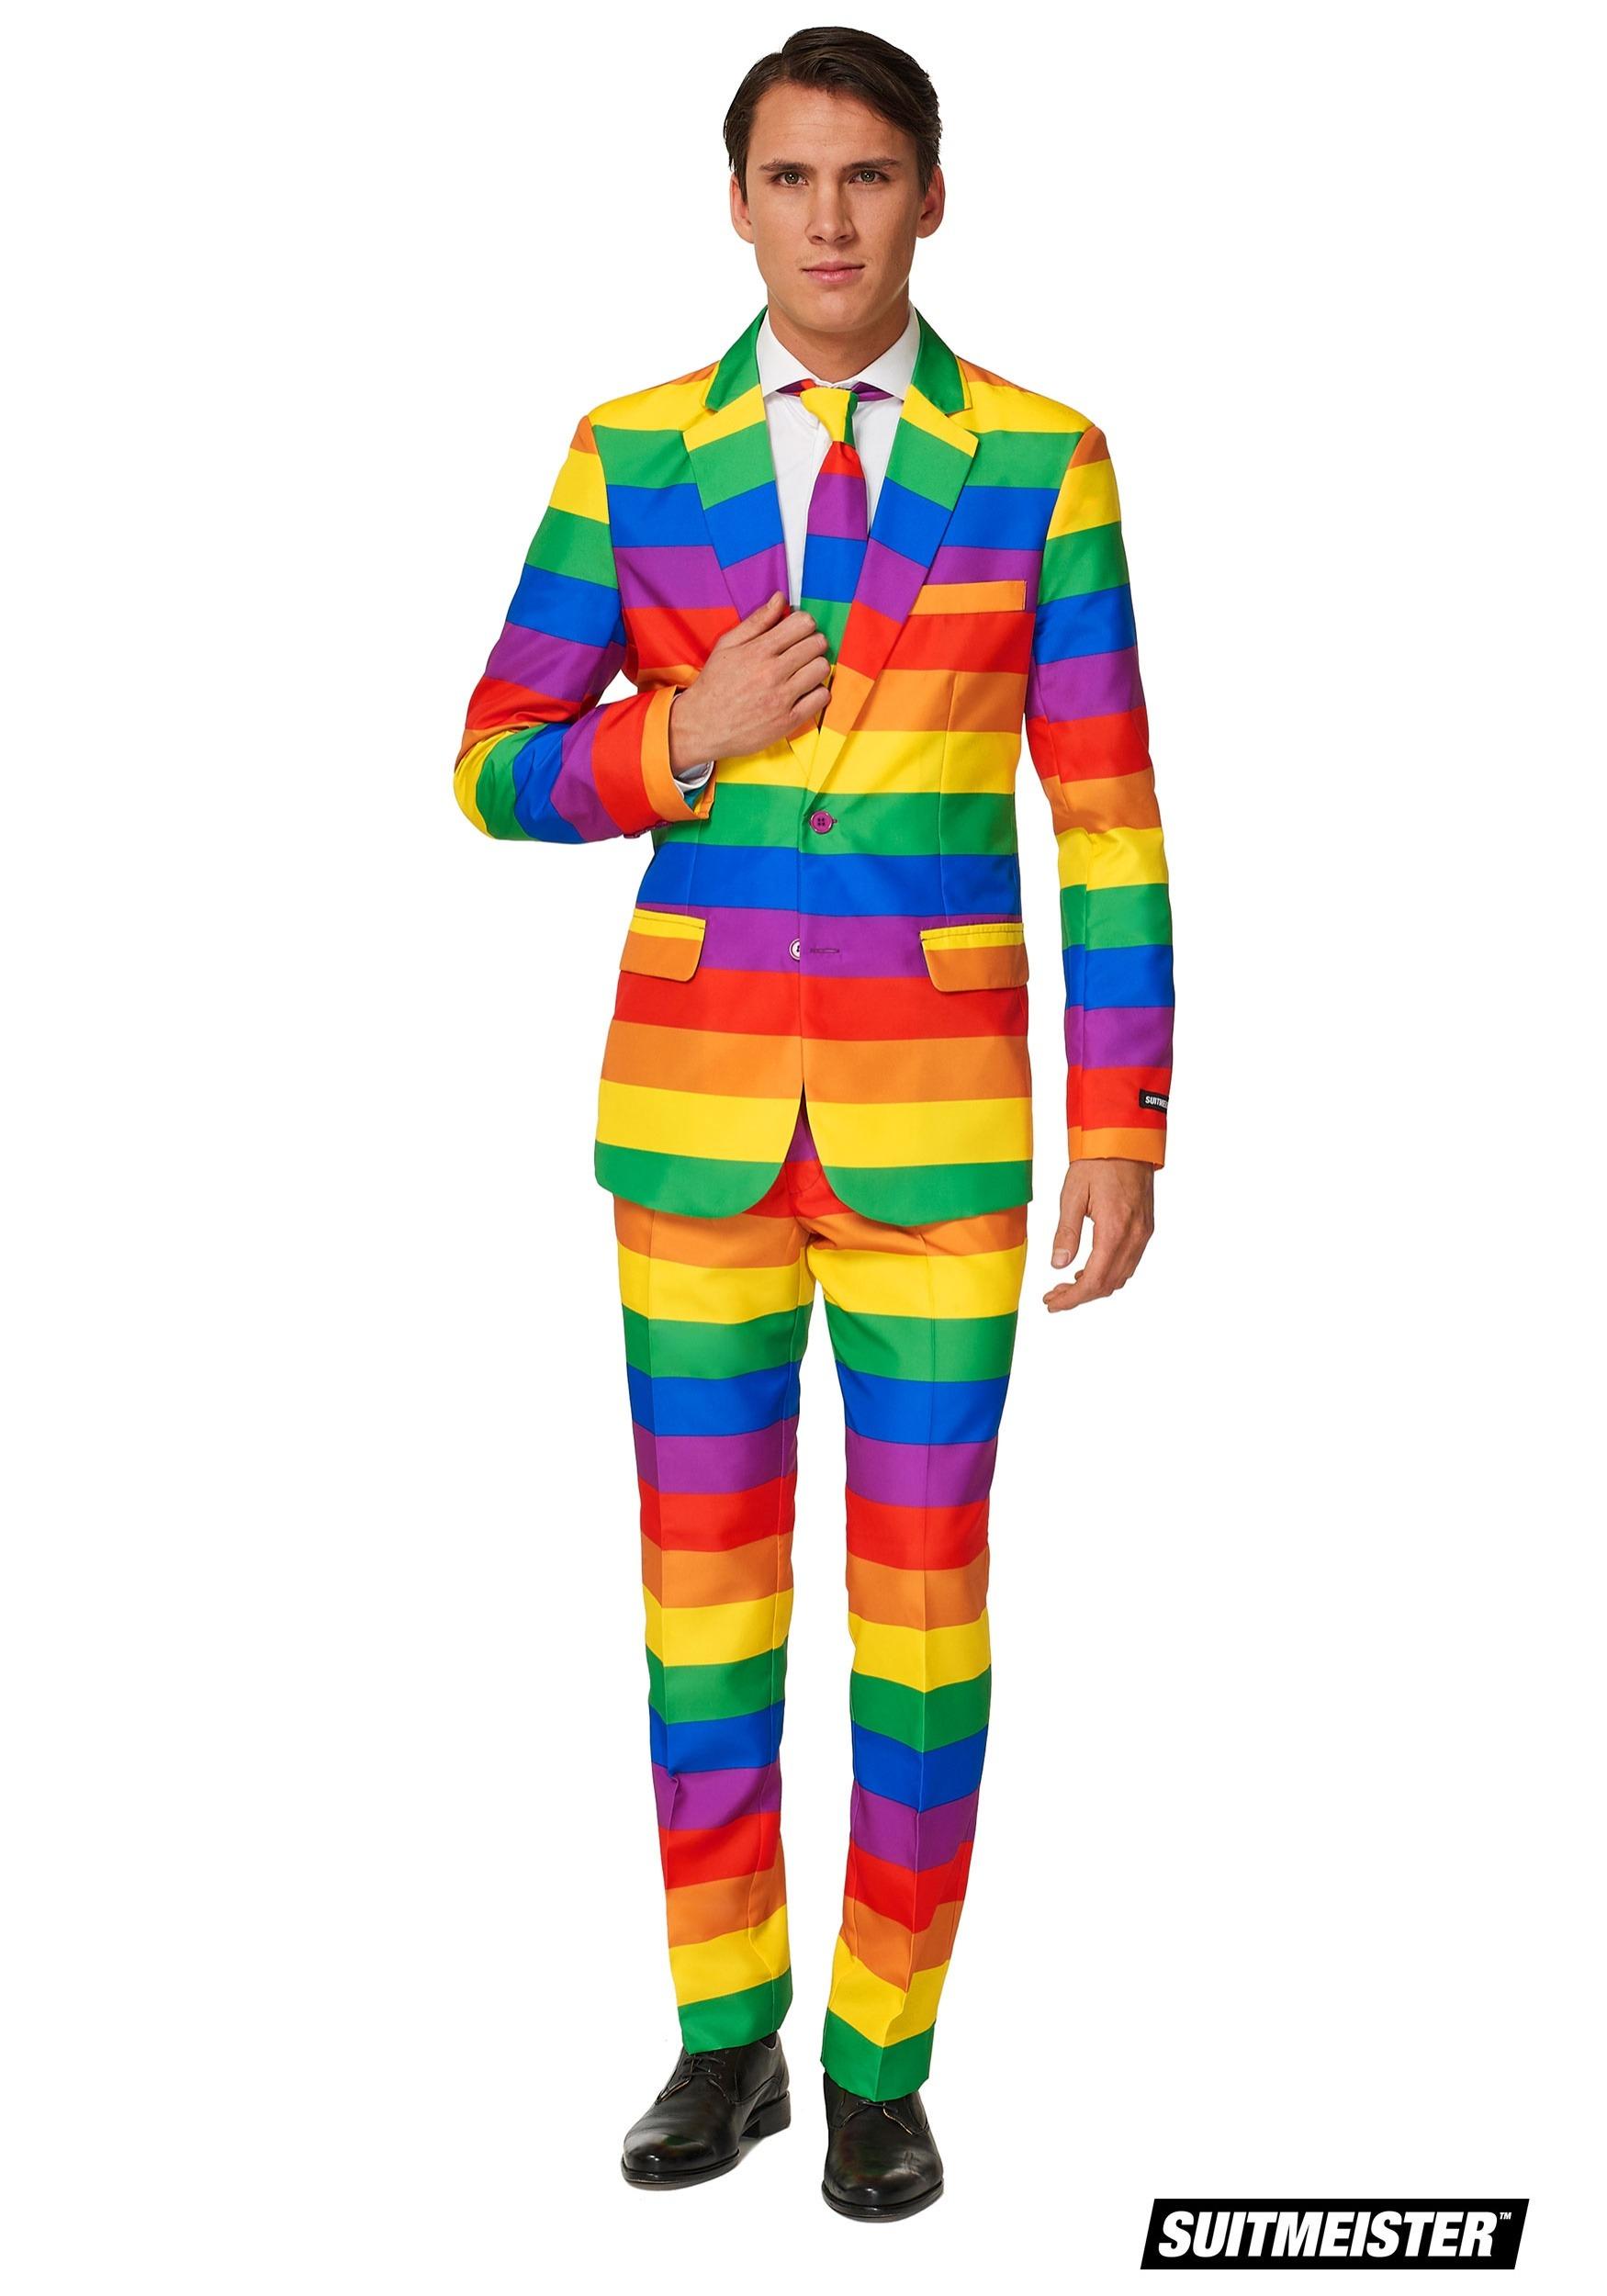 9a73165c4351 Men s Rainbow Suitmeister Suit Costume